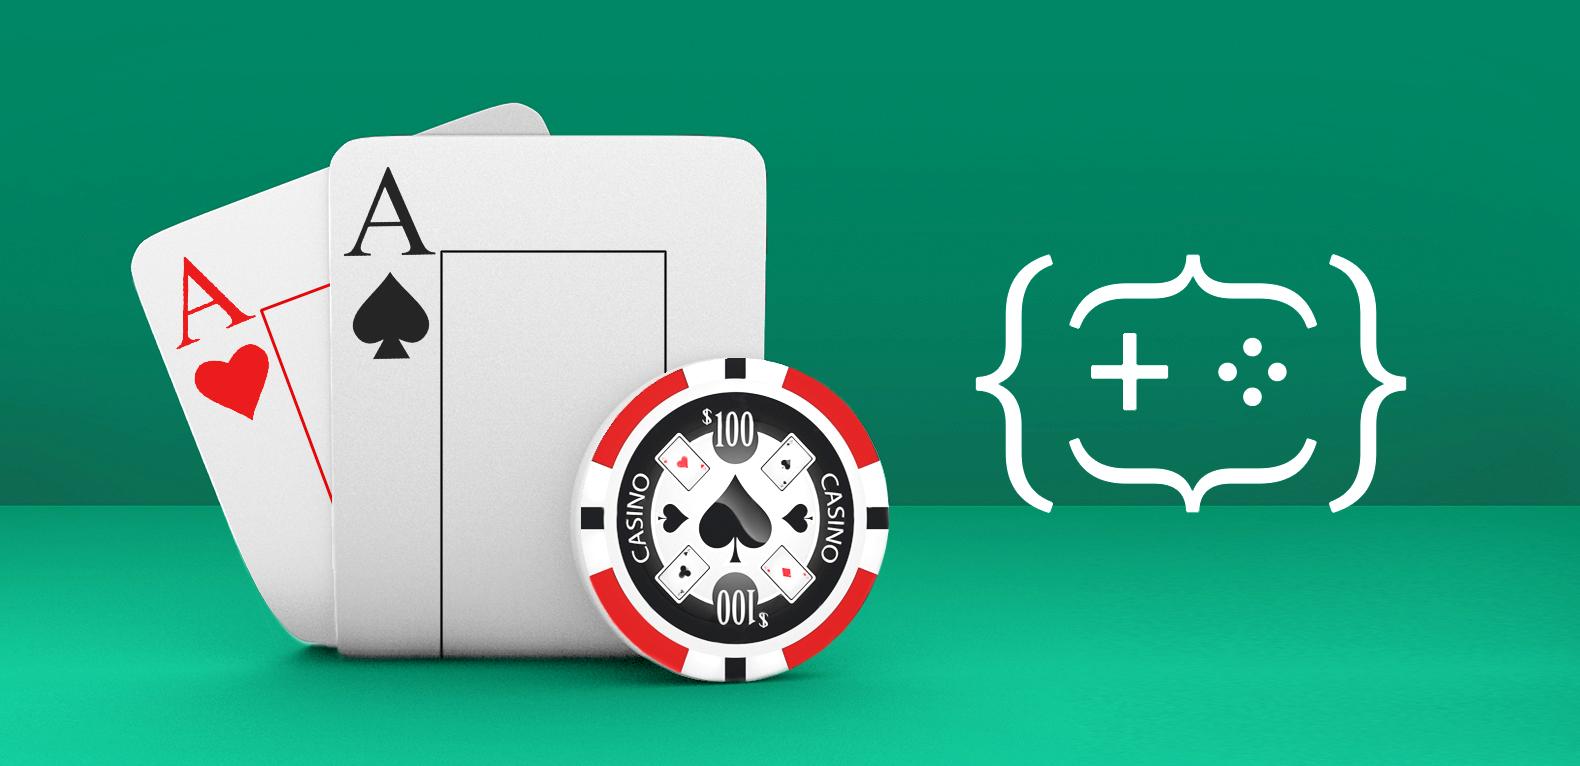 Rules & Winner Logic in card game development